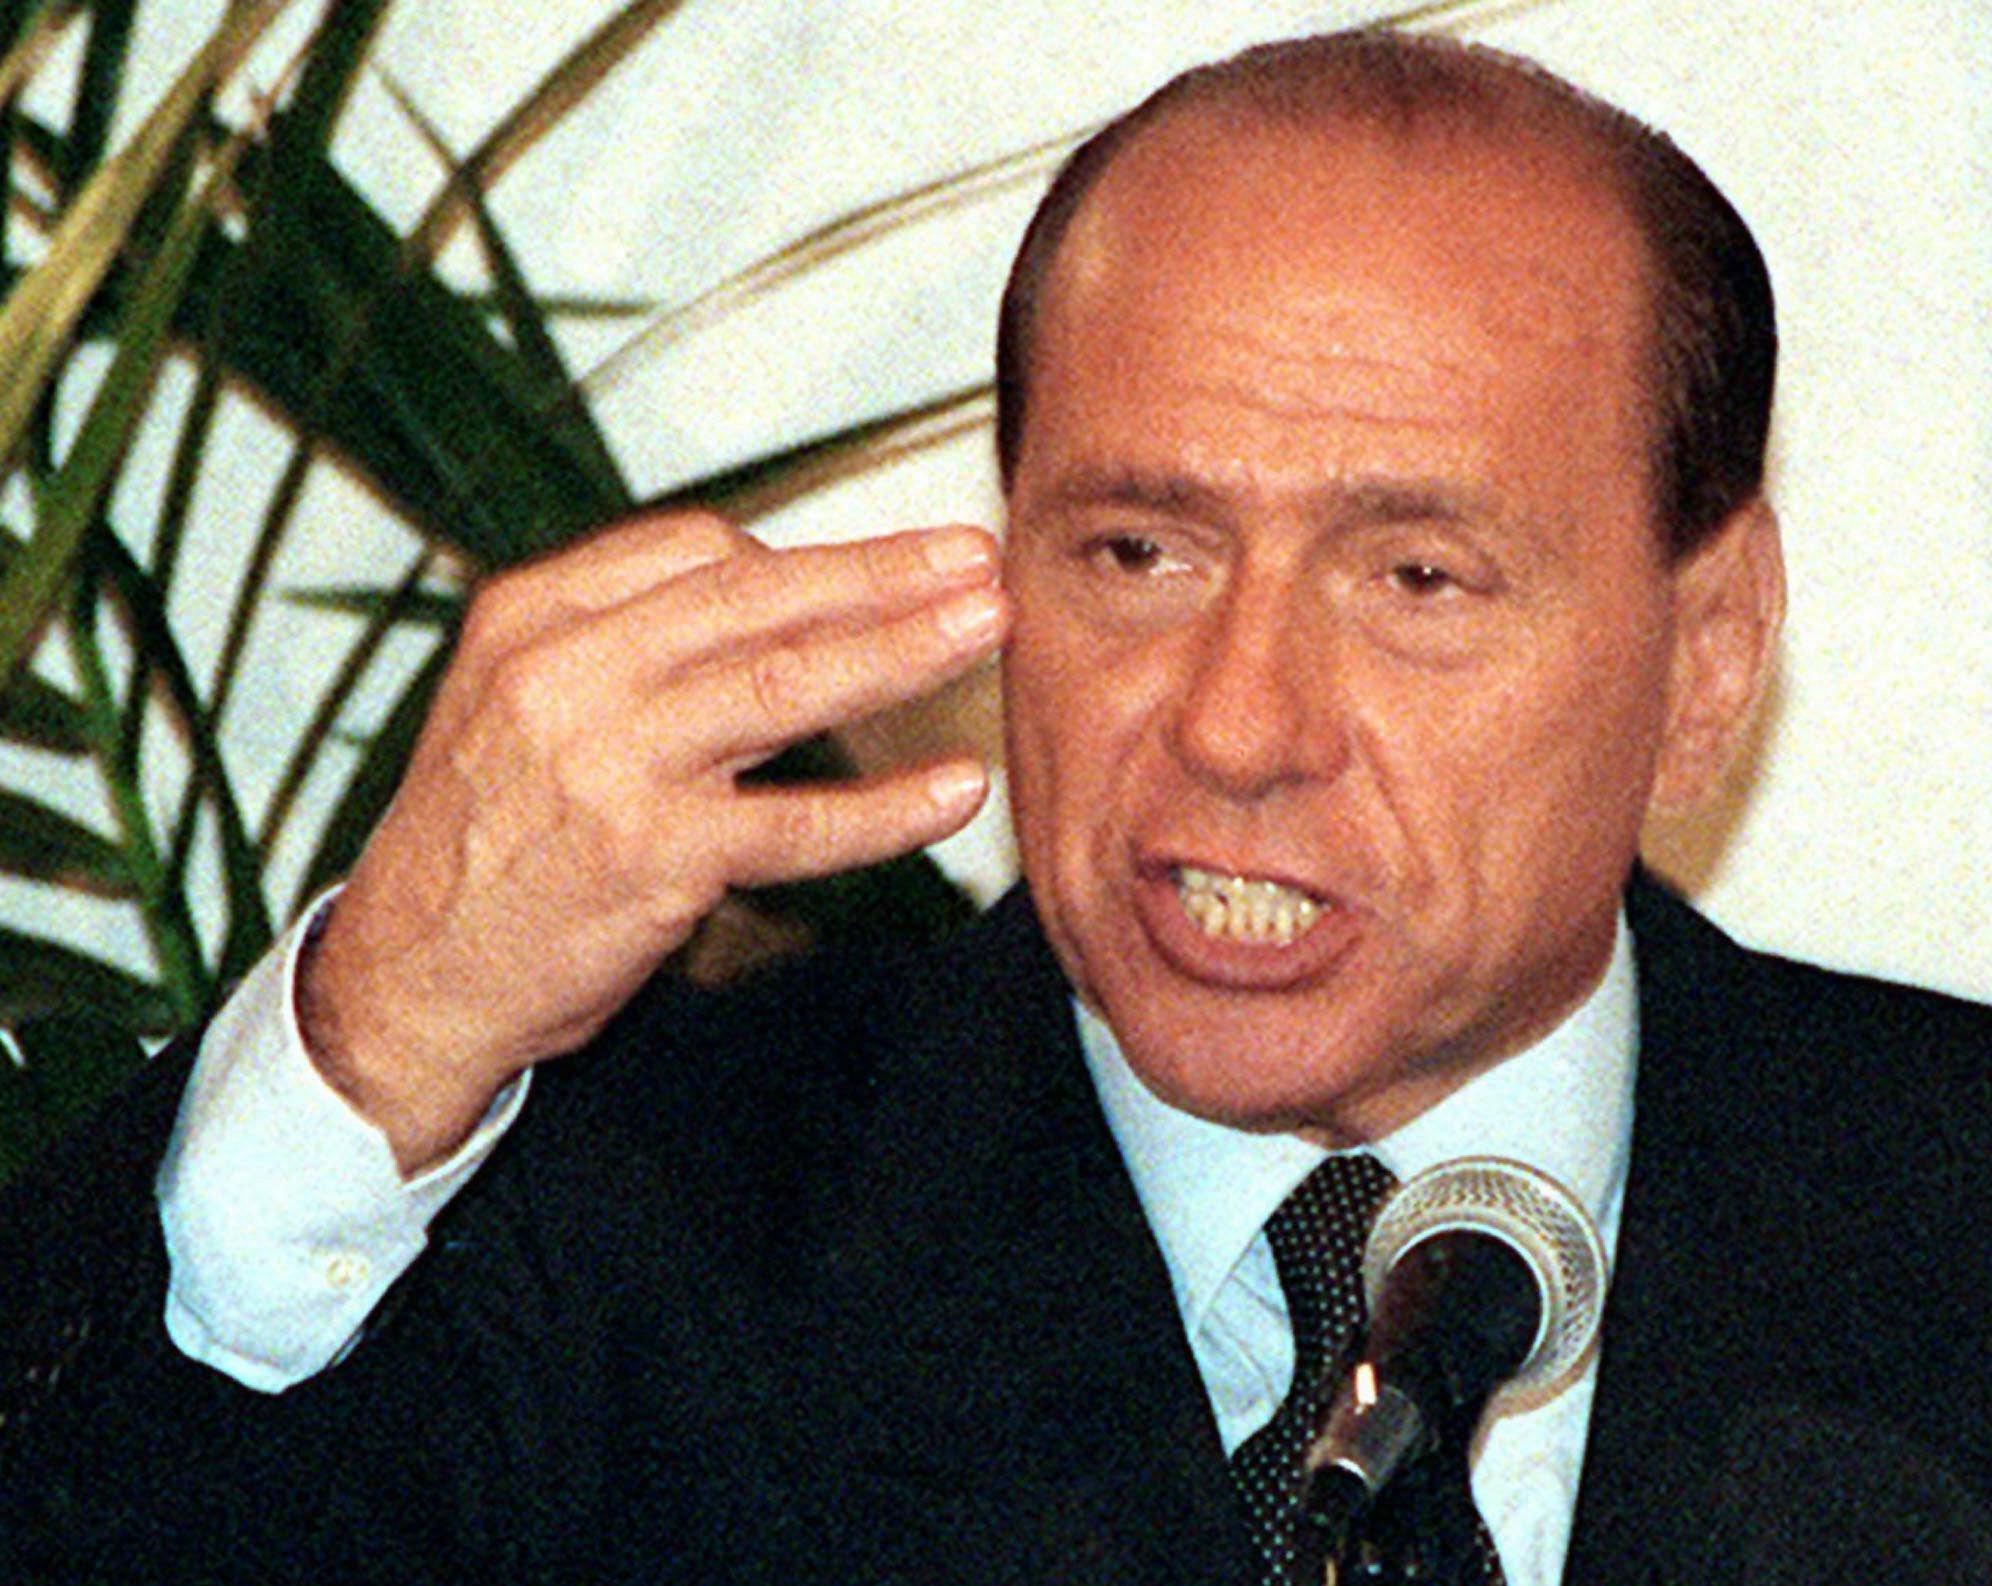 Berlusconi: distanze umane, non sui programmi. Ritorna Forza Italia